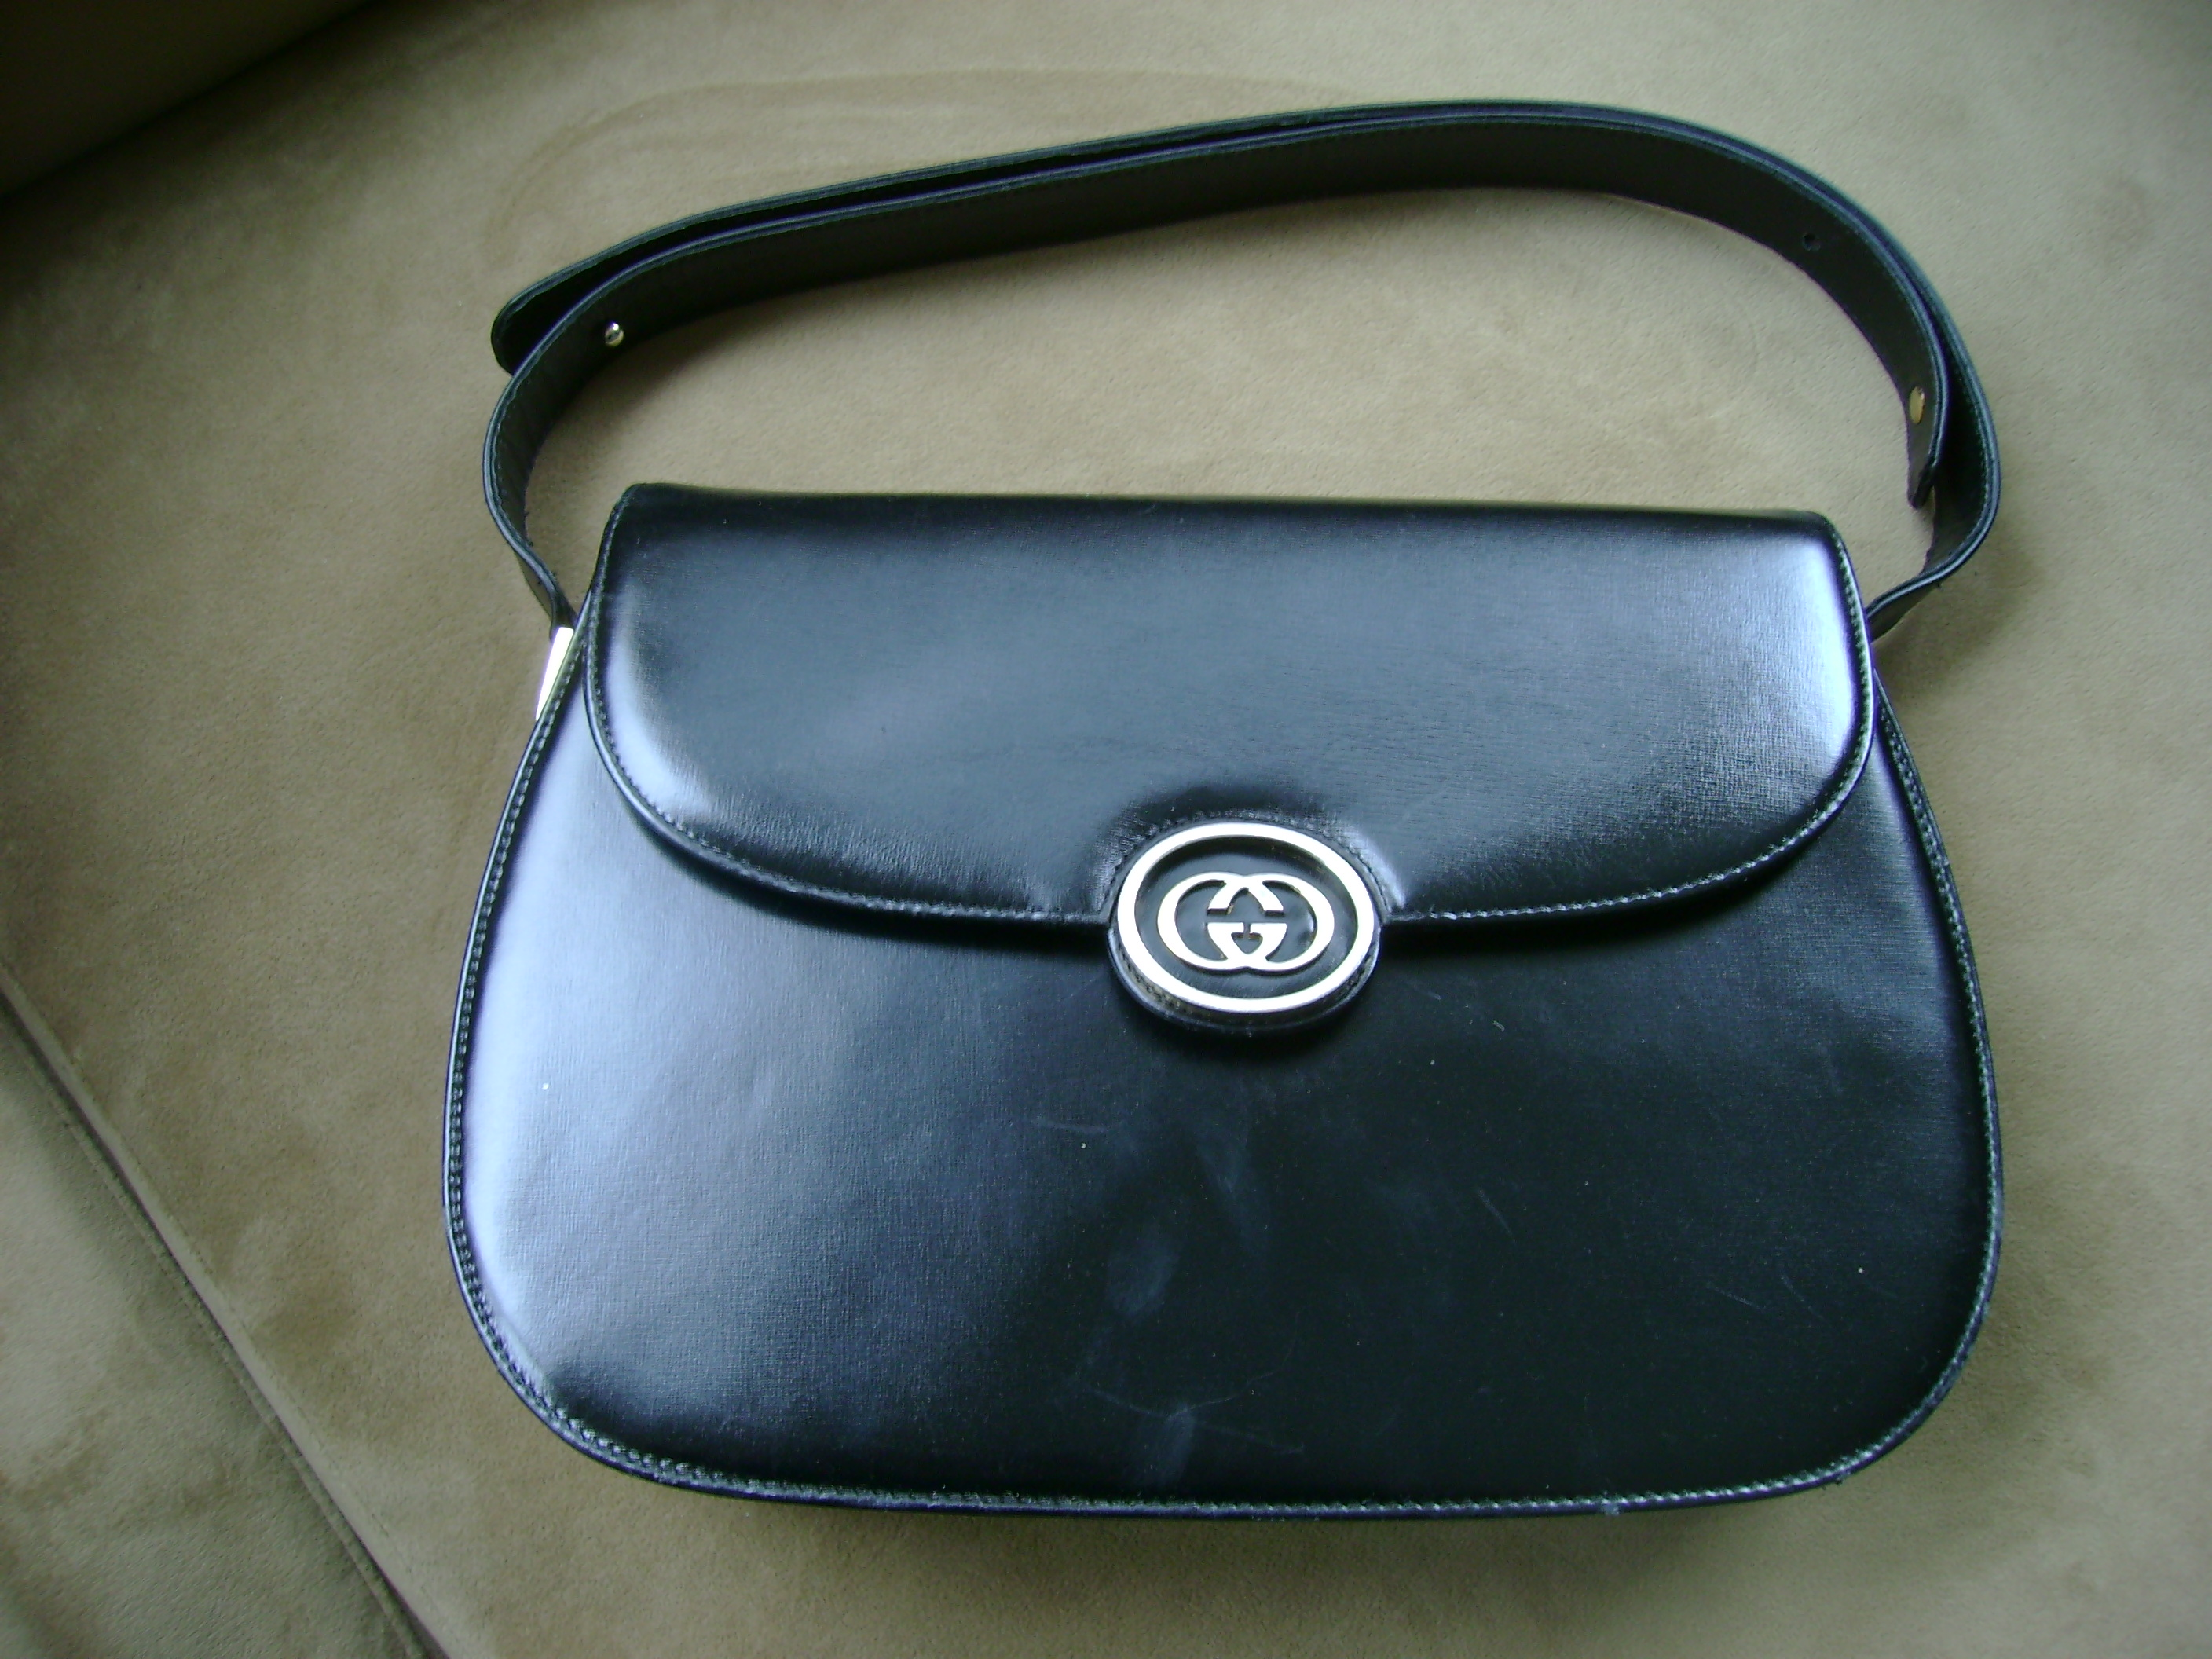 Vintage Gucci Black Leather Handbag 1970s On Storenvy